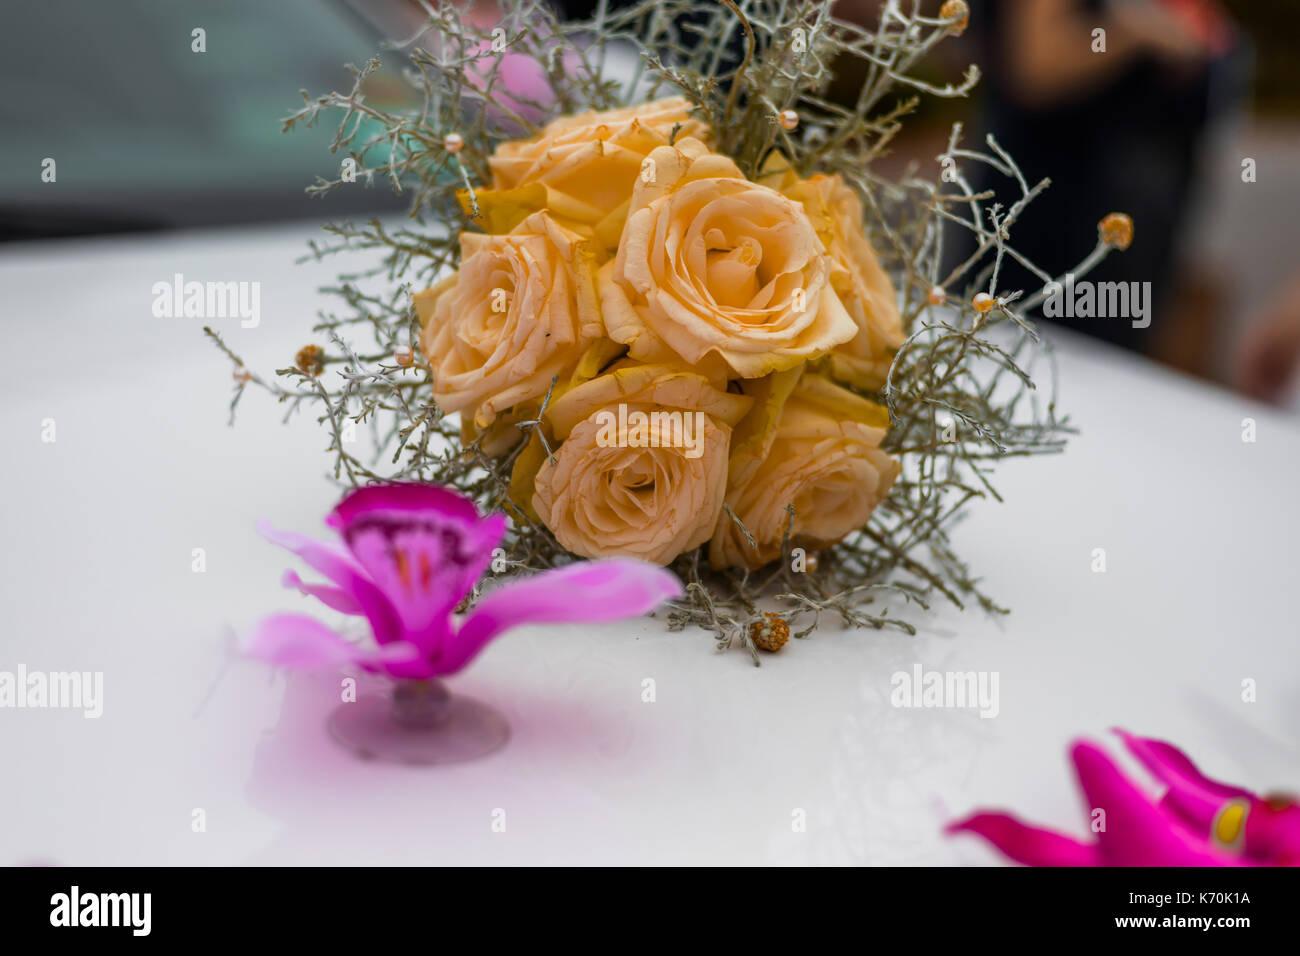 In Der Nahe Der Hochzeit Strauss Gelber Rosen Auf Weiss Limousine